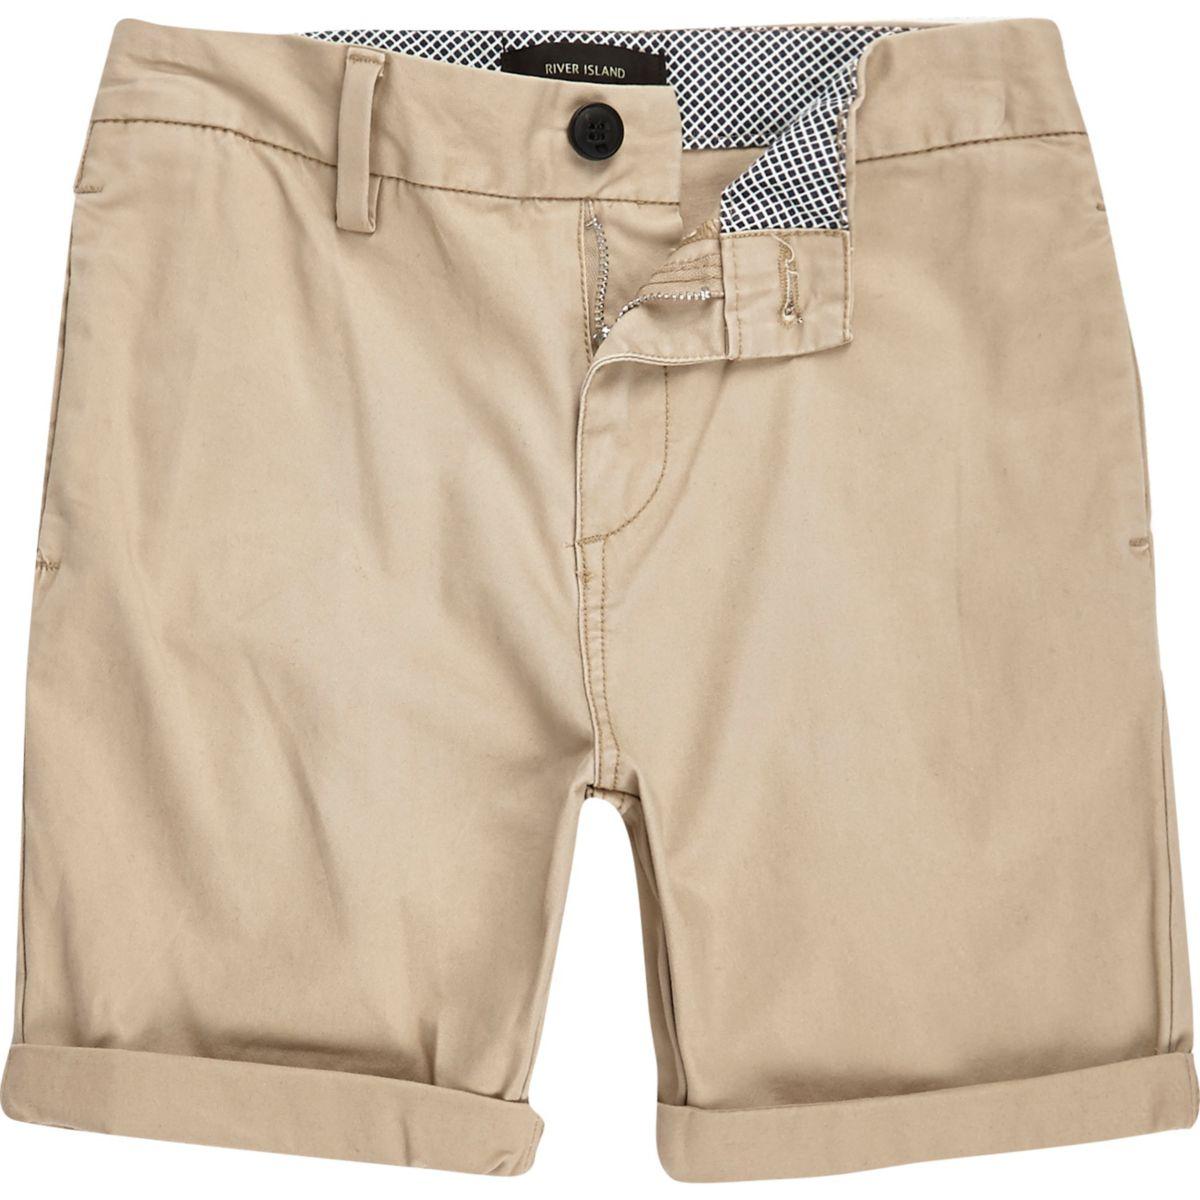 Boys light brown chino shorts